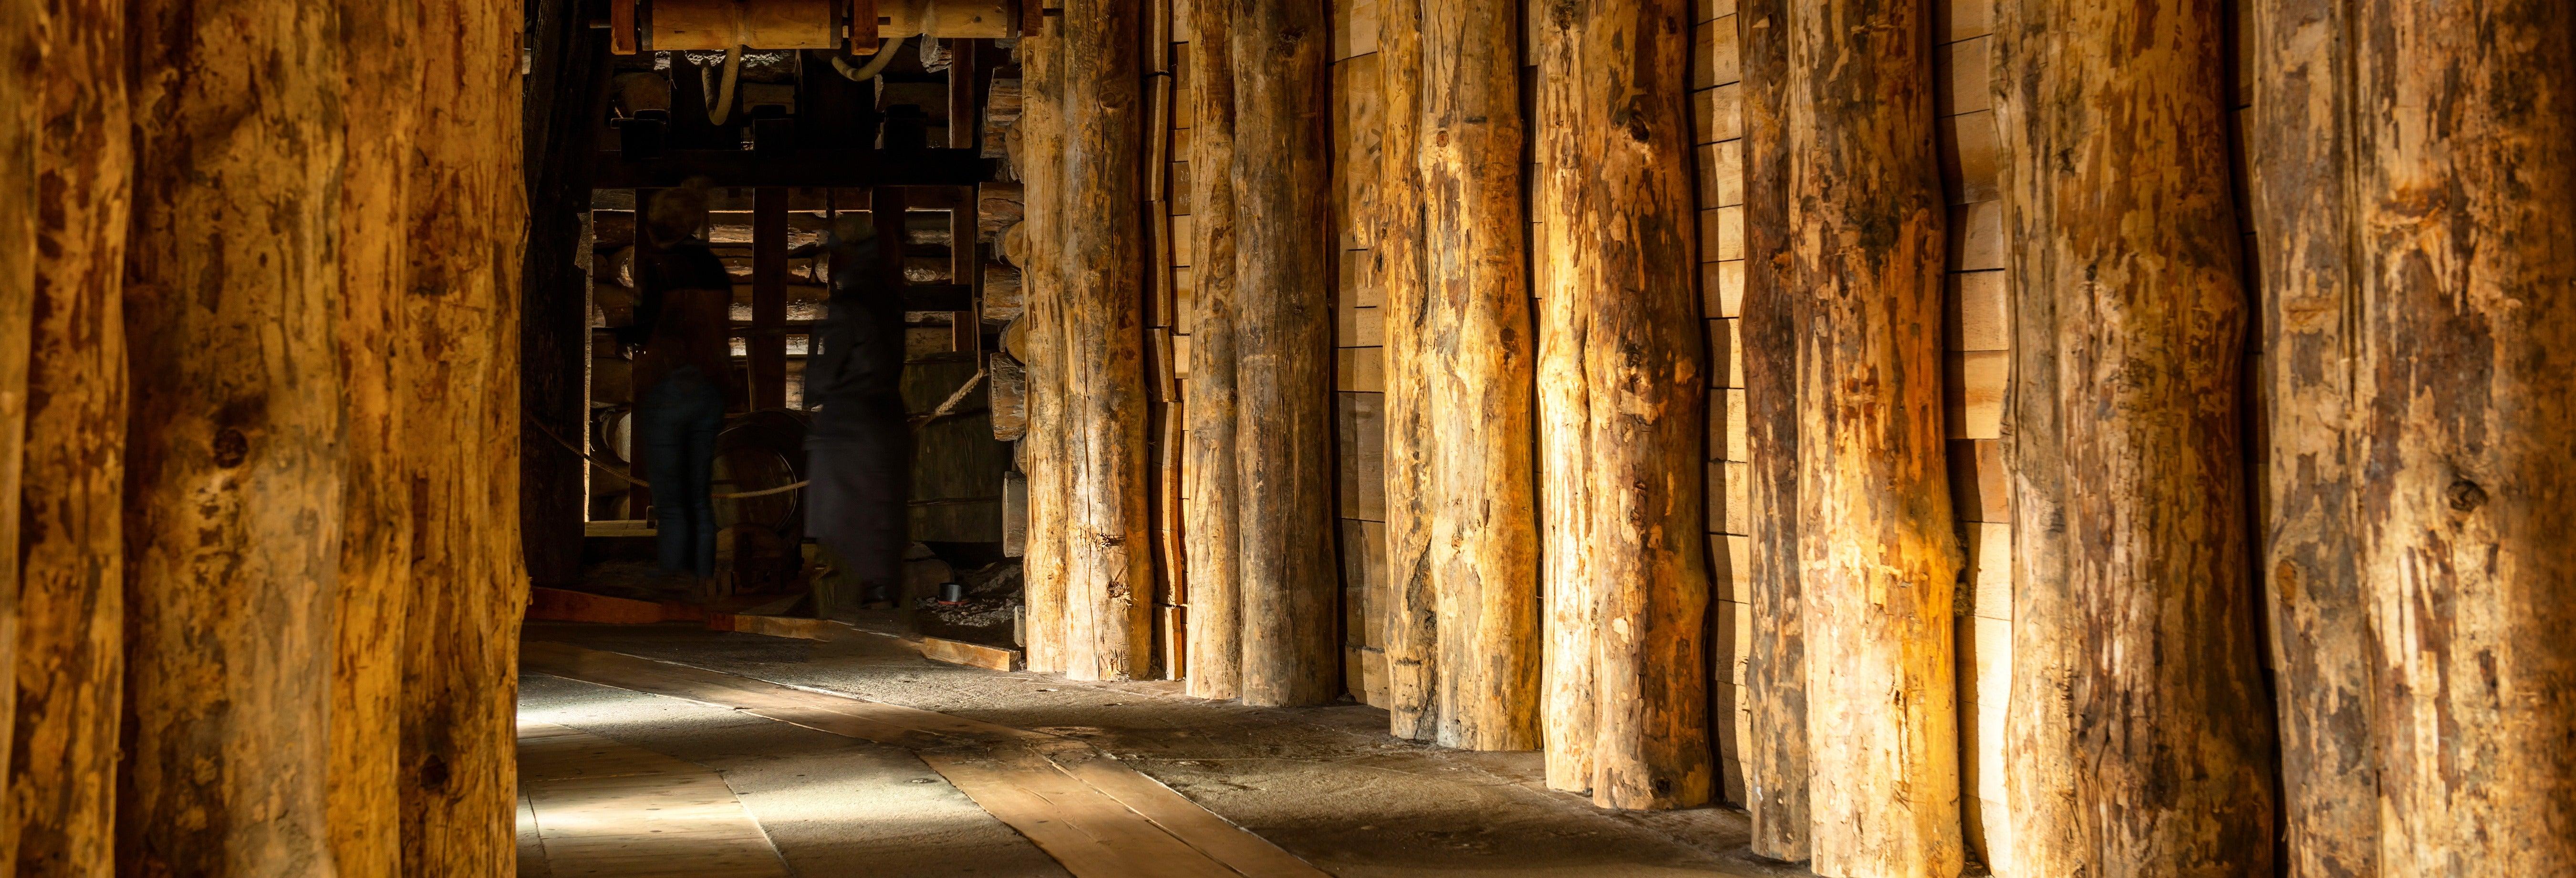 Excursion à la Mine de Sel de Wieliczka